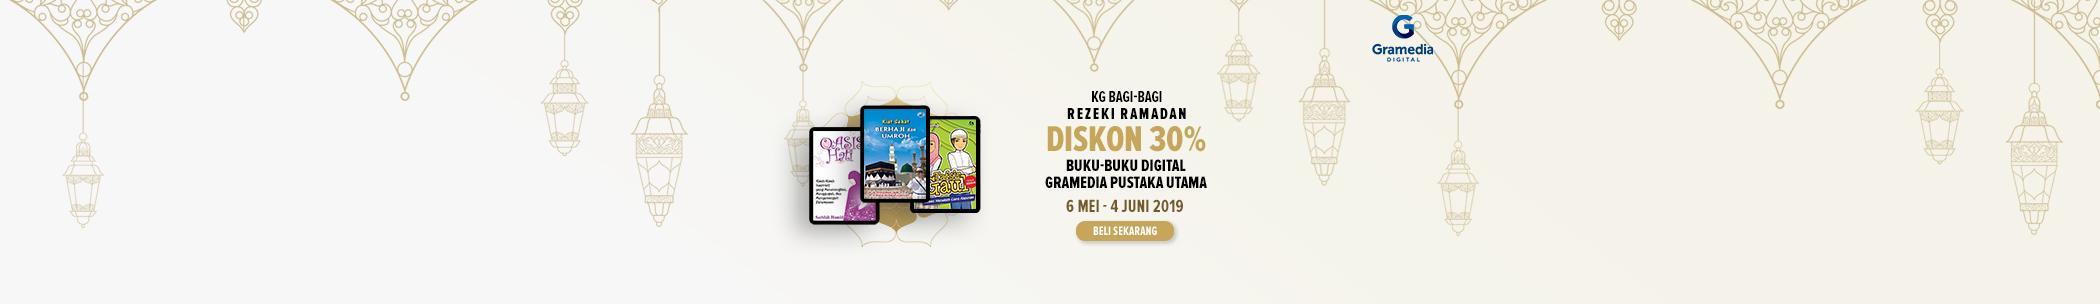 KG Ramadan - GPU